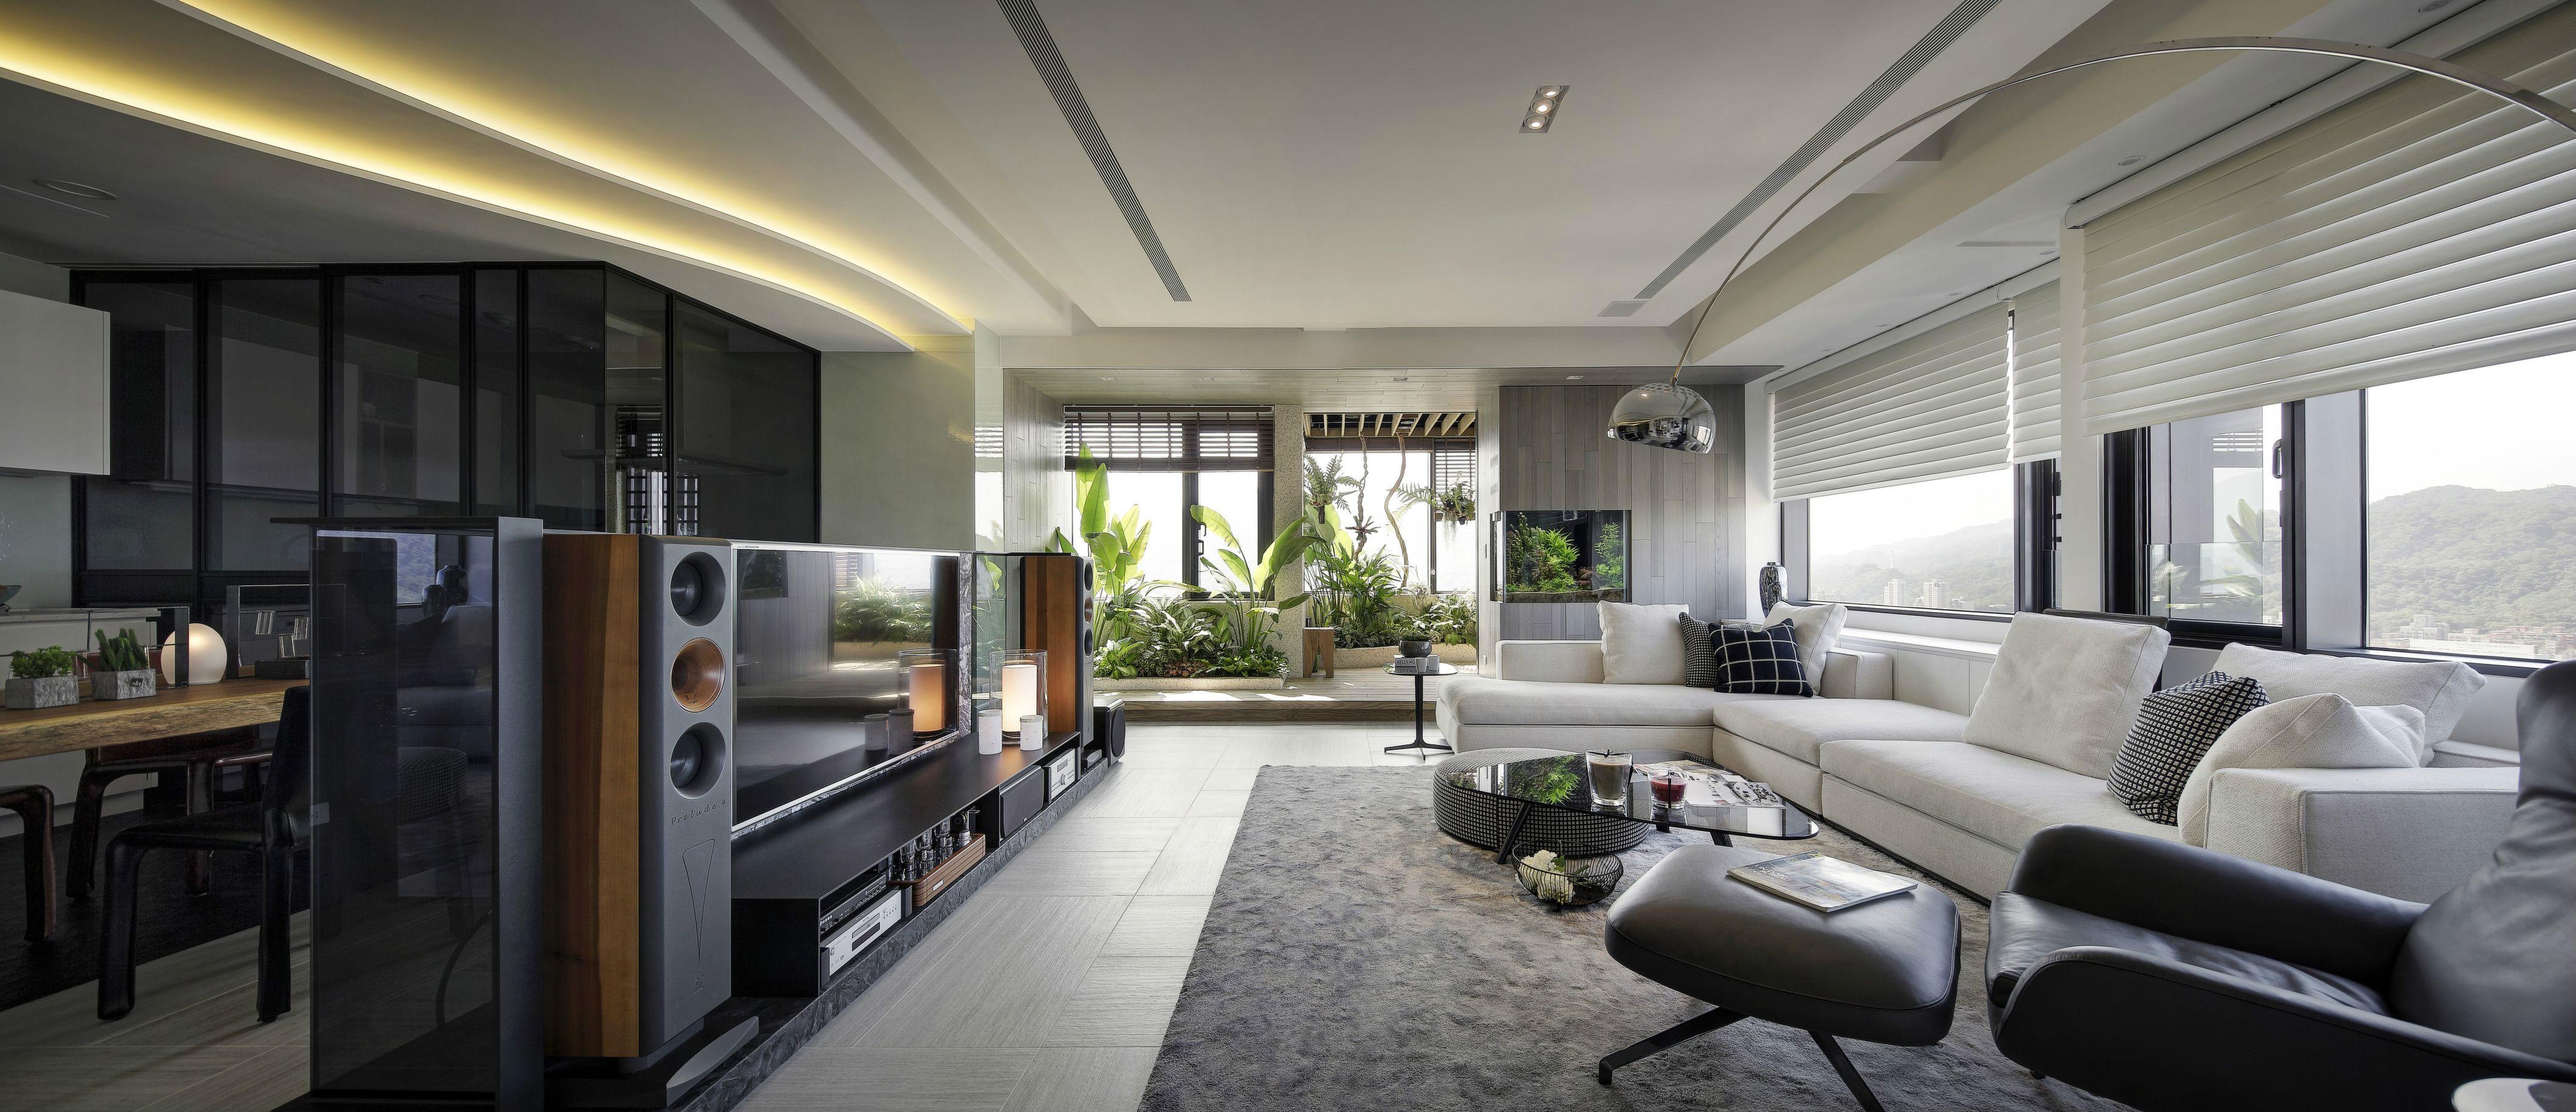 后现代风格大户型客厅装修效果图